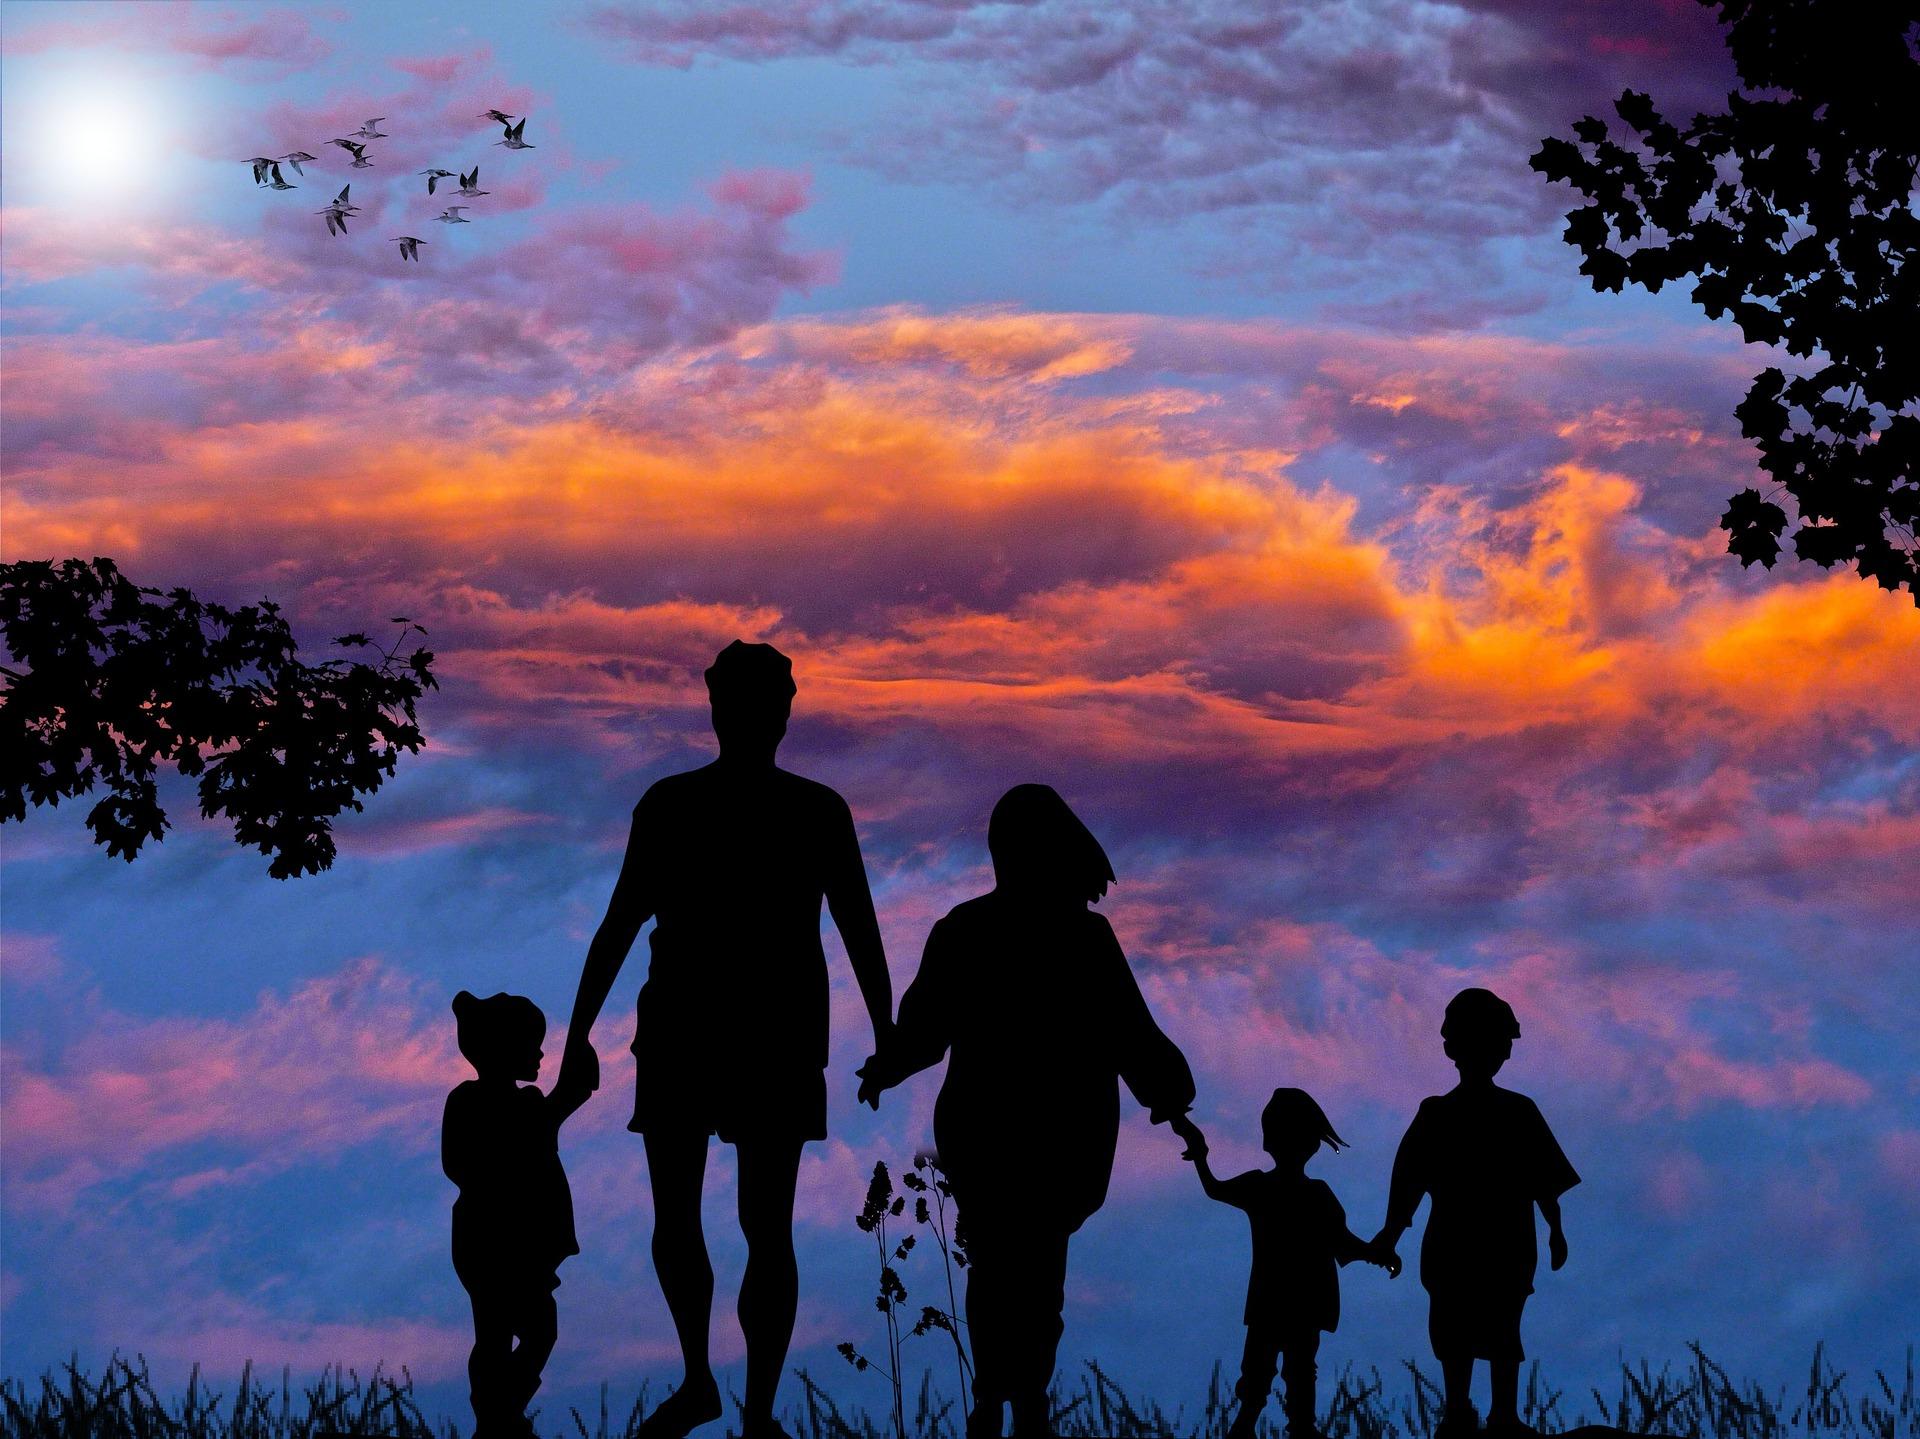 السفر و الأطفال : معلومات و إرشادات من أجل رحلة ممتعة مع أطقالك